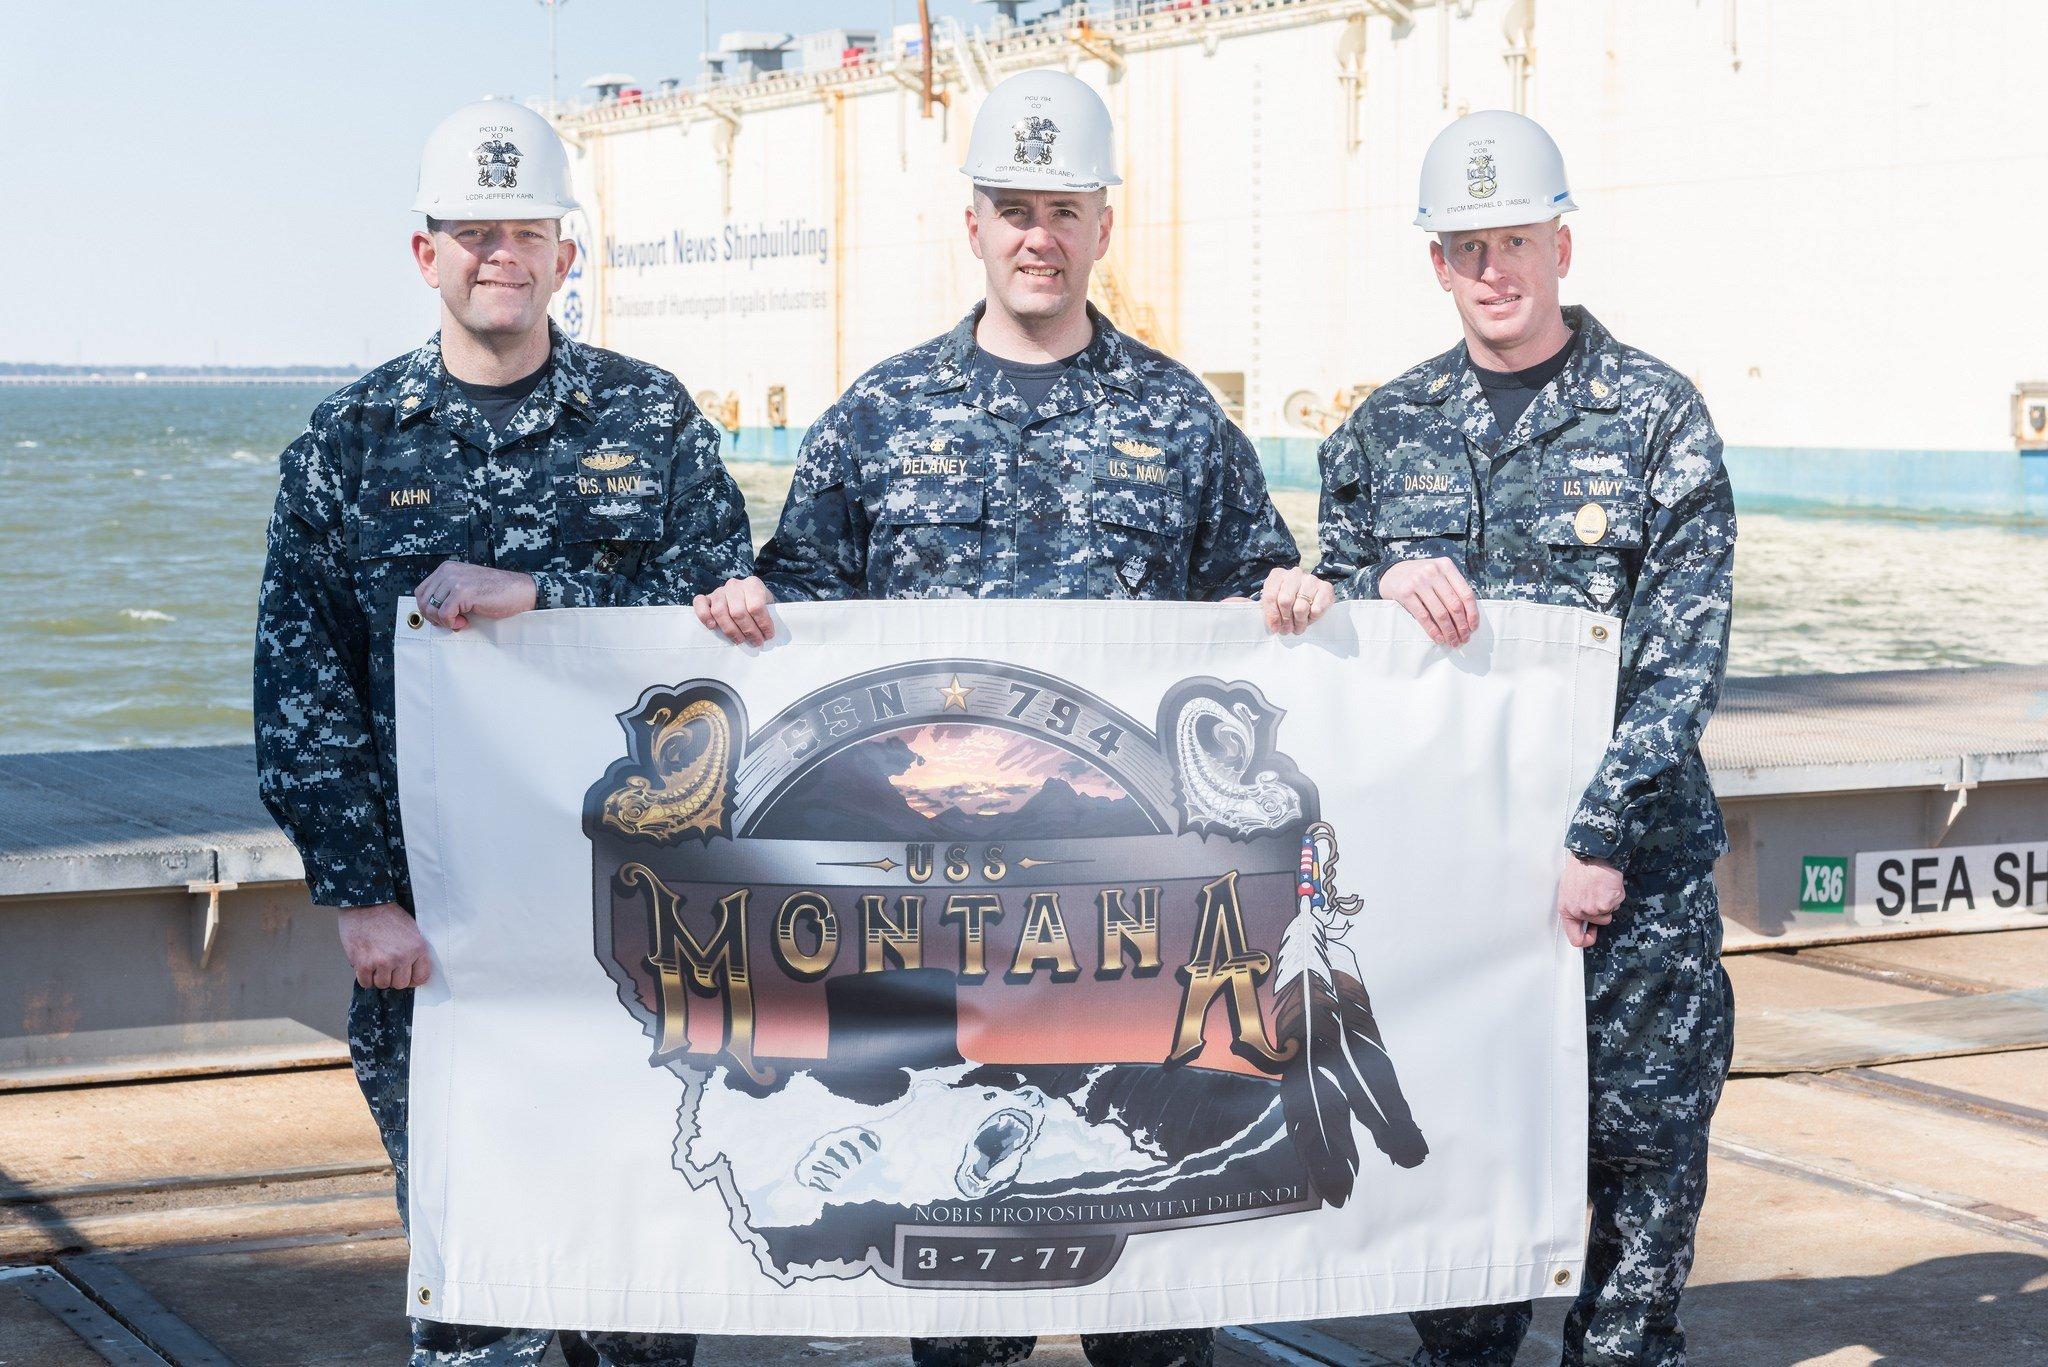 Left to Right: Lt. Cmdr. Jeffrey Kahn, Cmdr. Michael Delaney, and Senior Chief Petty Officer Michael Dassau